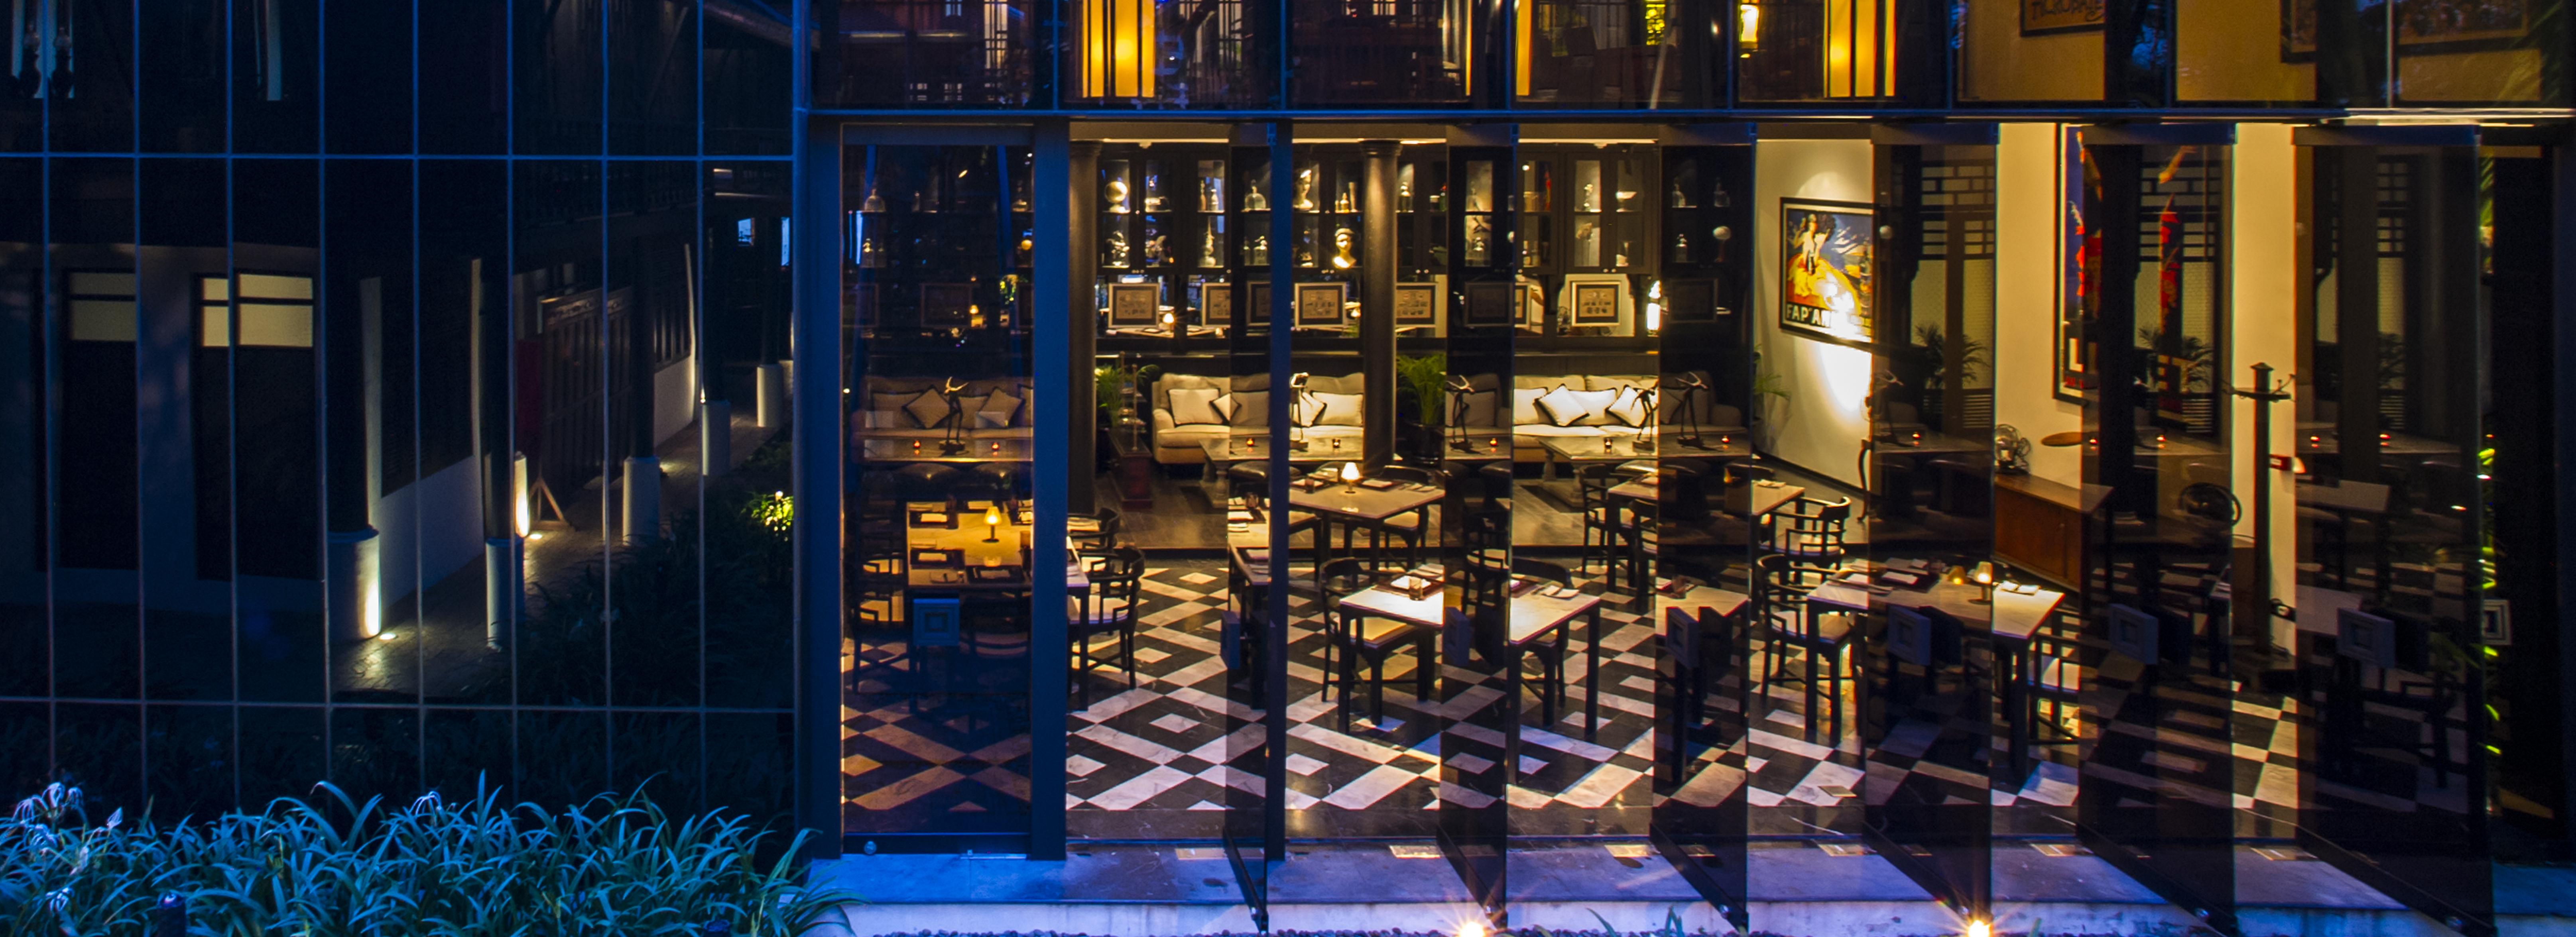 The-Siam-Deco-Bar-Bistro